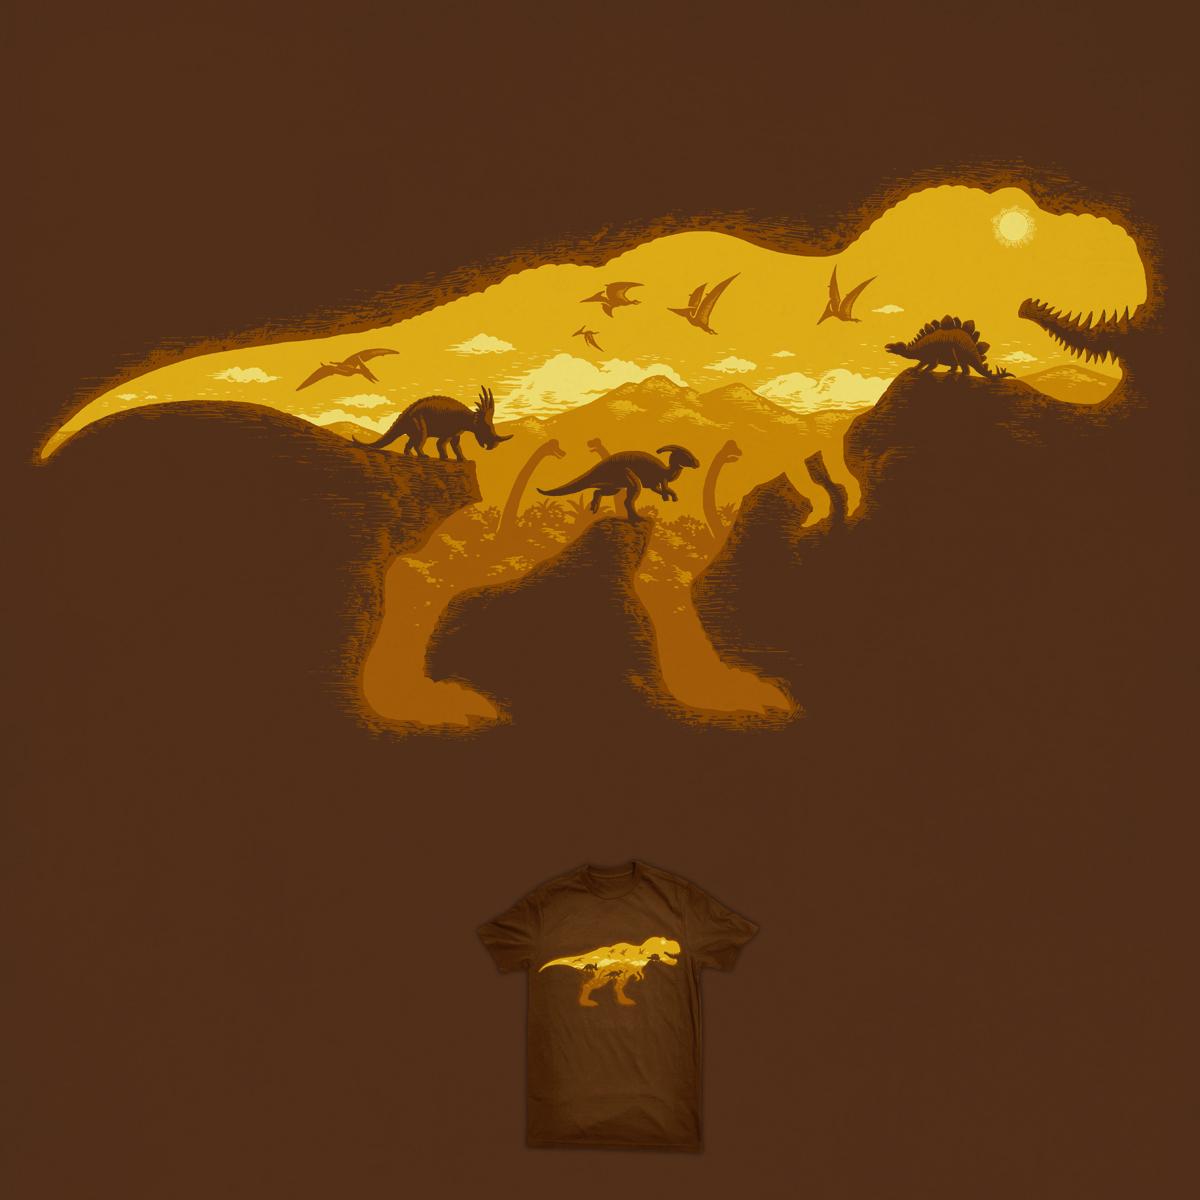 Dinosaur World by ben chen on Threadless